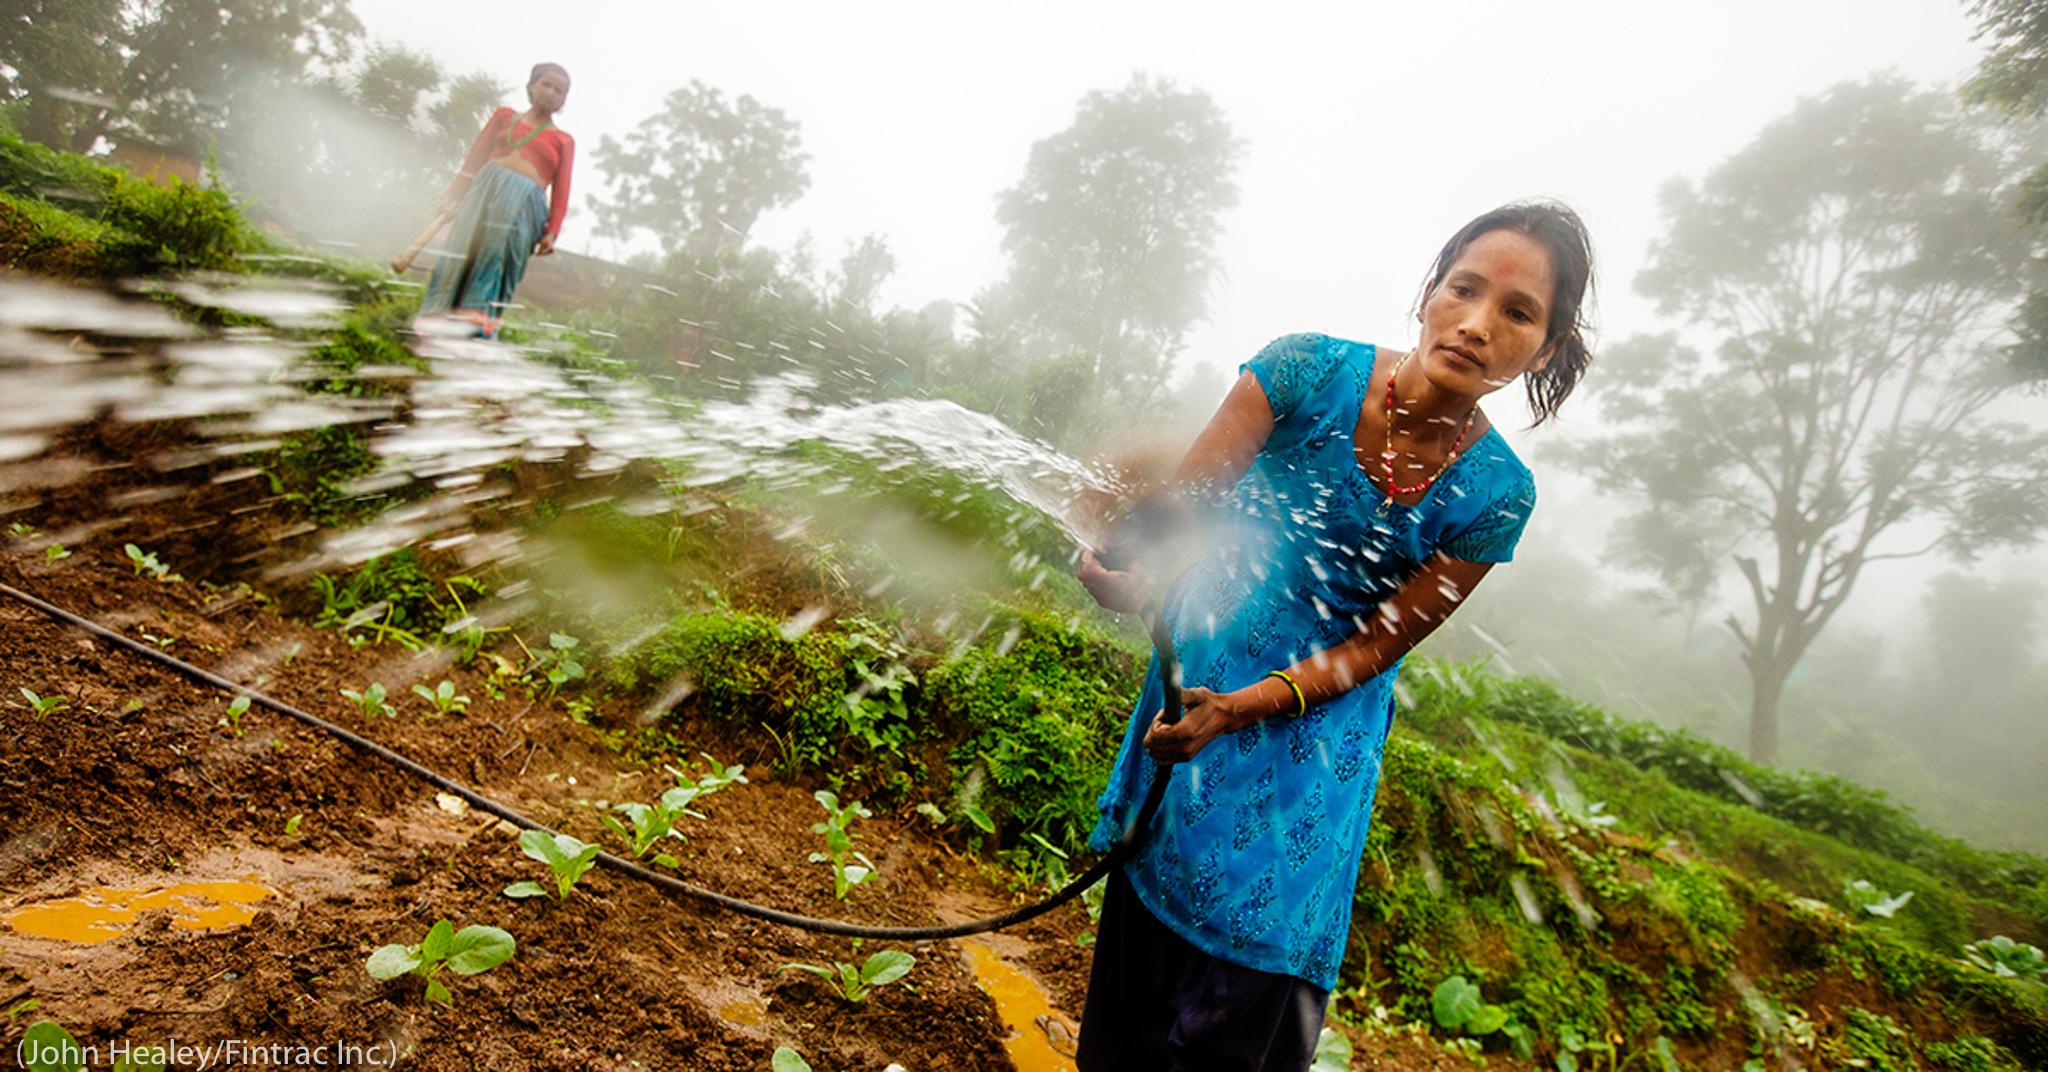 Une femme arrosant des cultures avec un tuyau (John Healey/Fintrac Inc.)